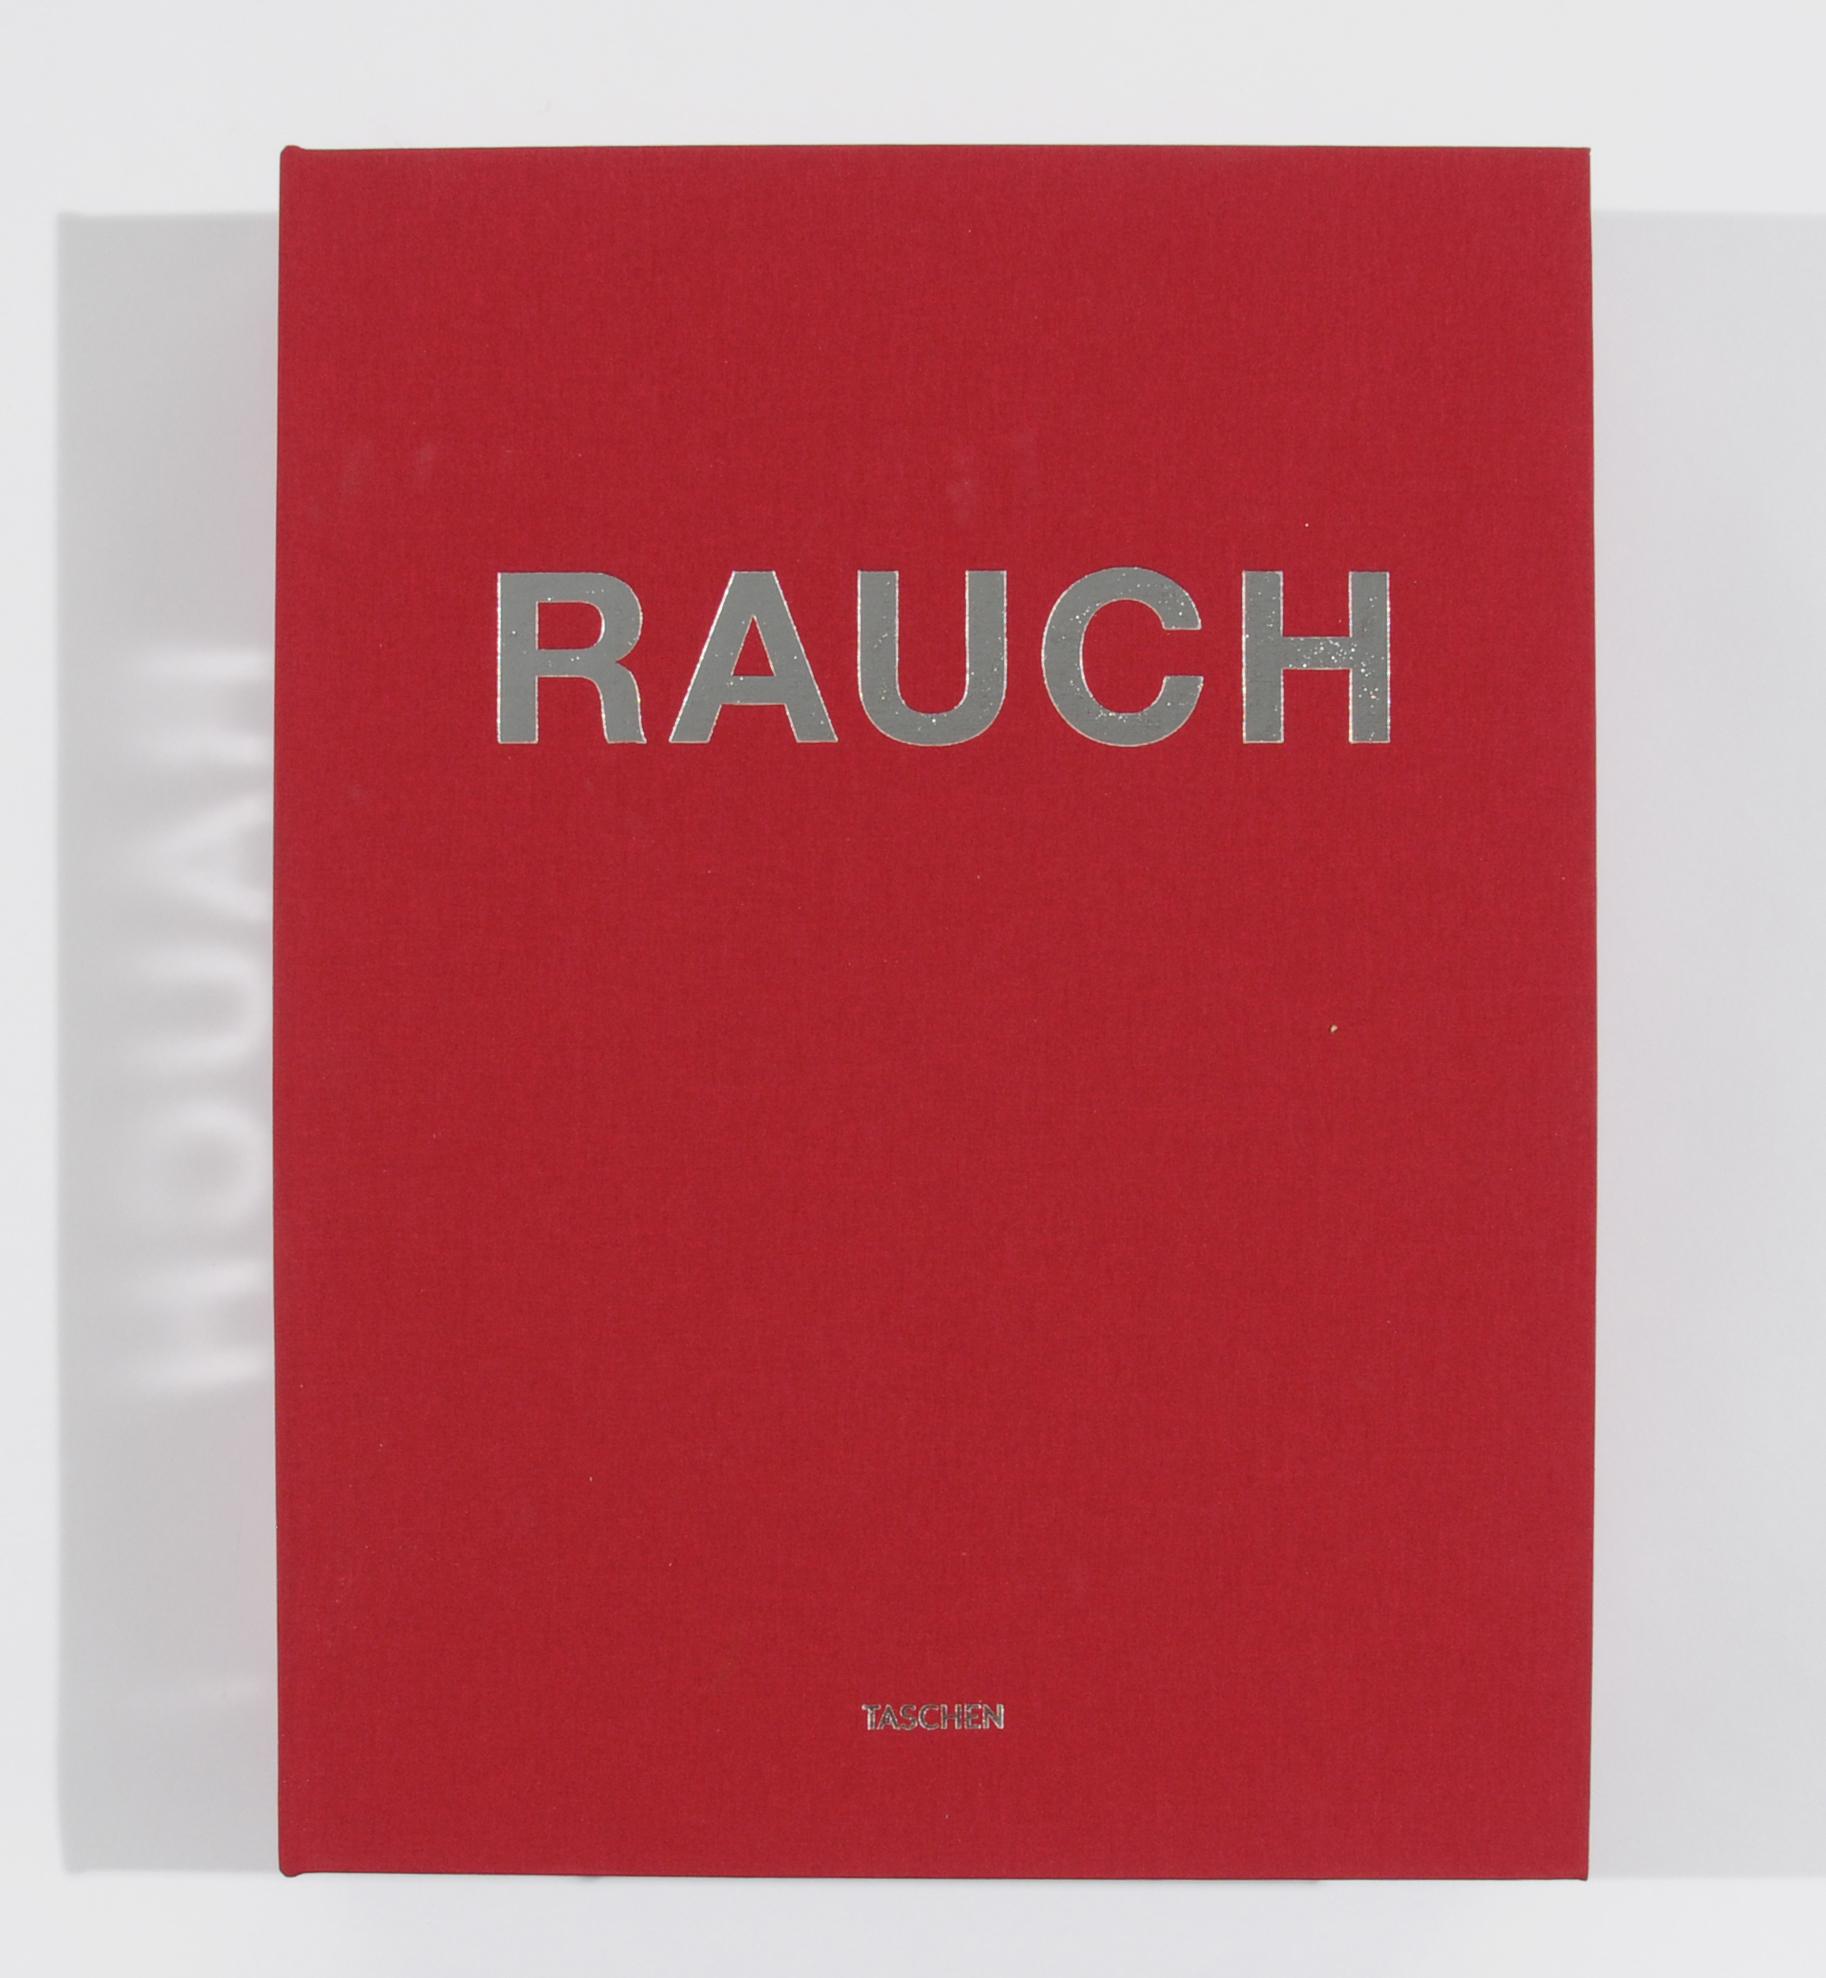 Rauch Neo, Book. Hans Werner Holzwarth. Rauch